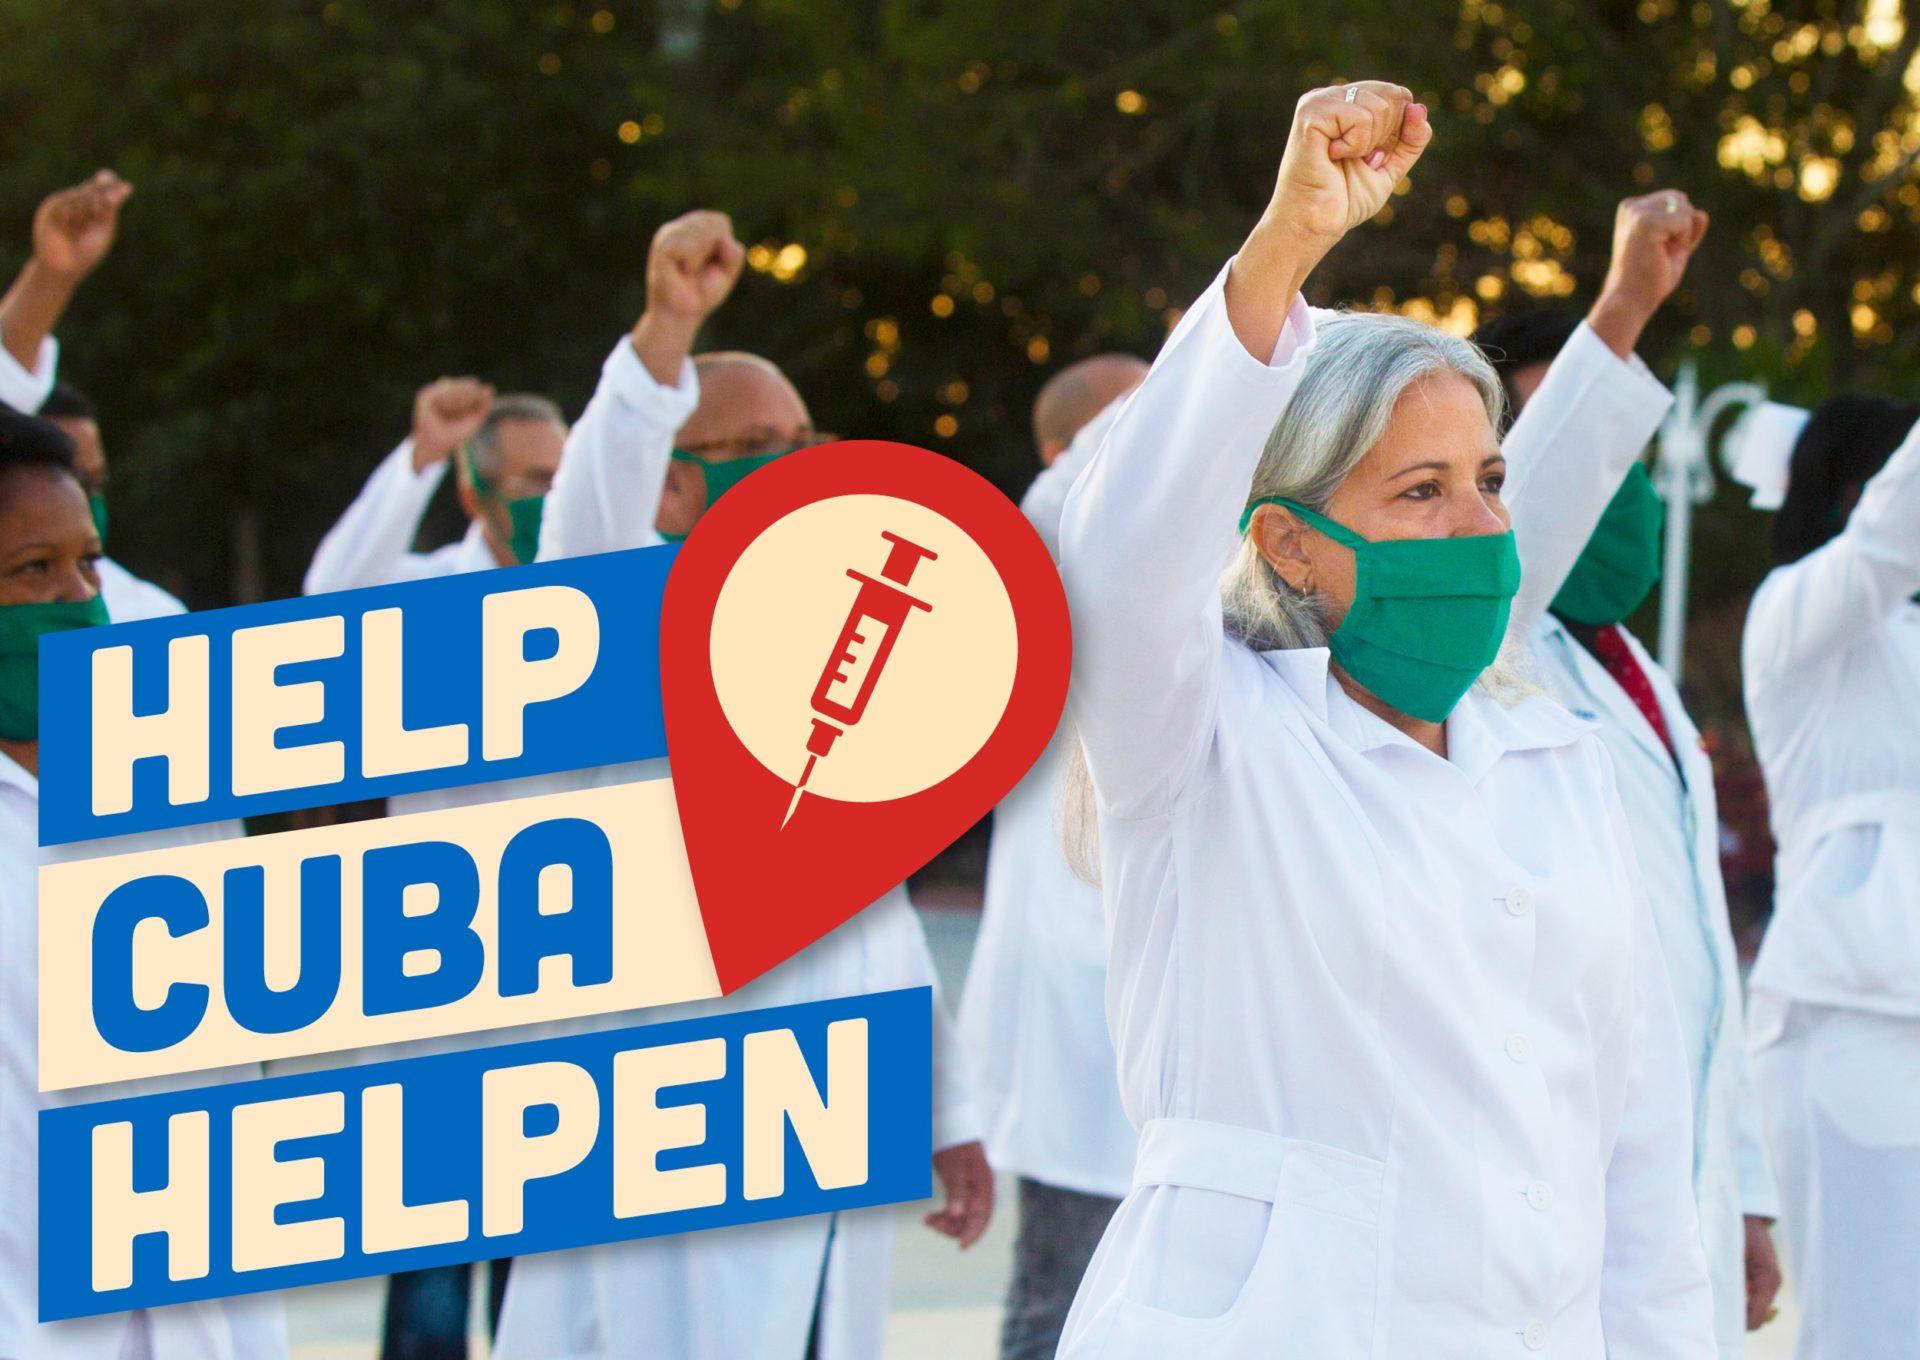 Help Cuba helpen